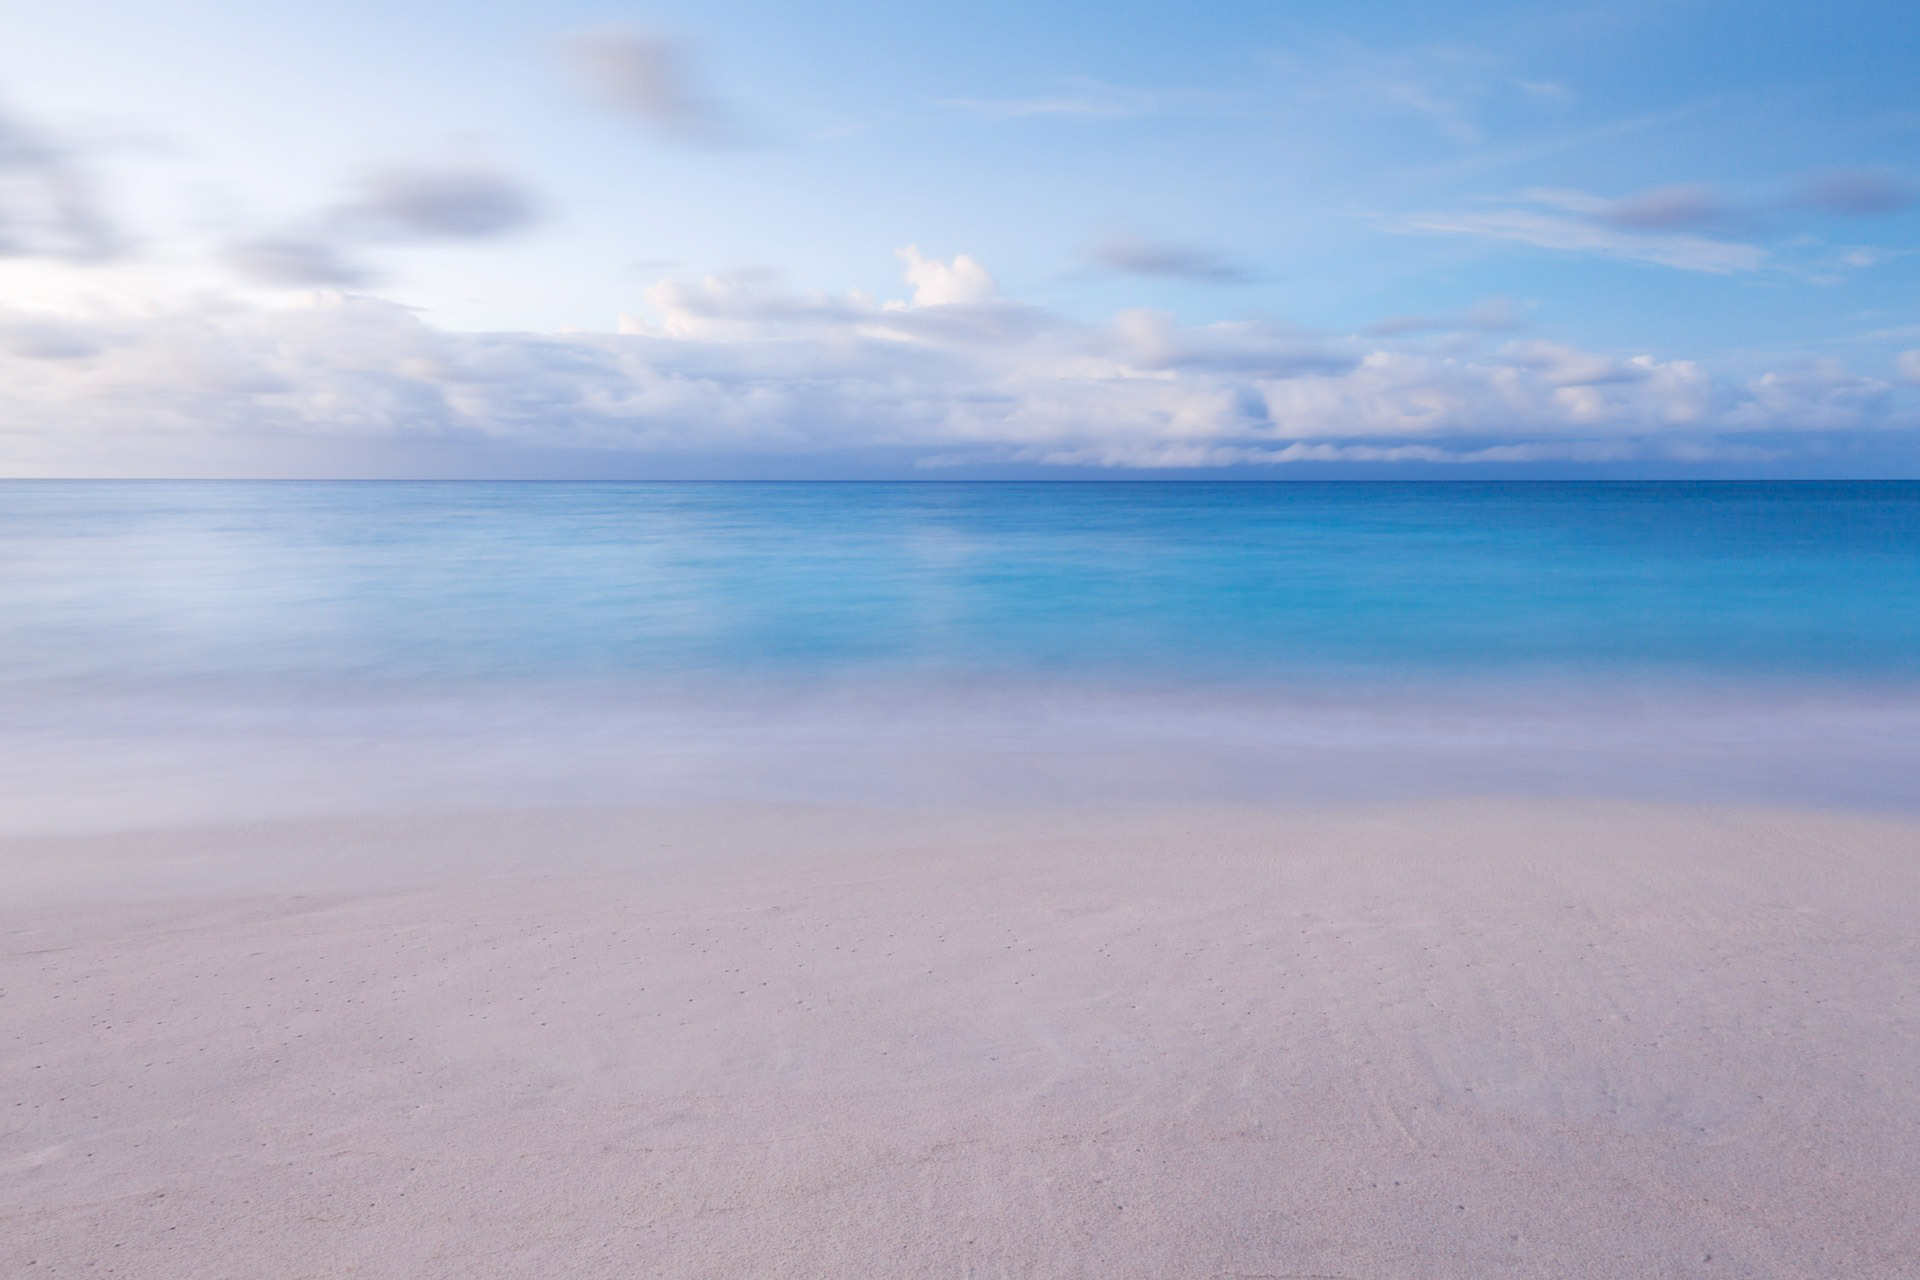 Vista relajante desde playa al orizonte